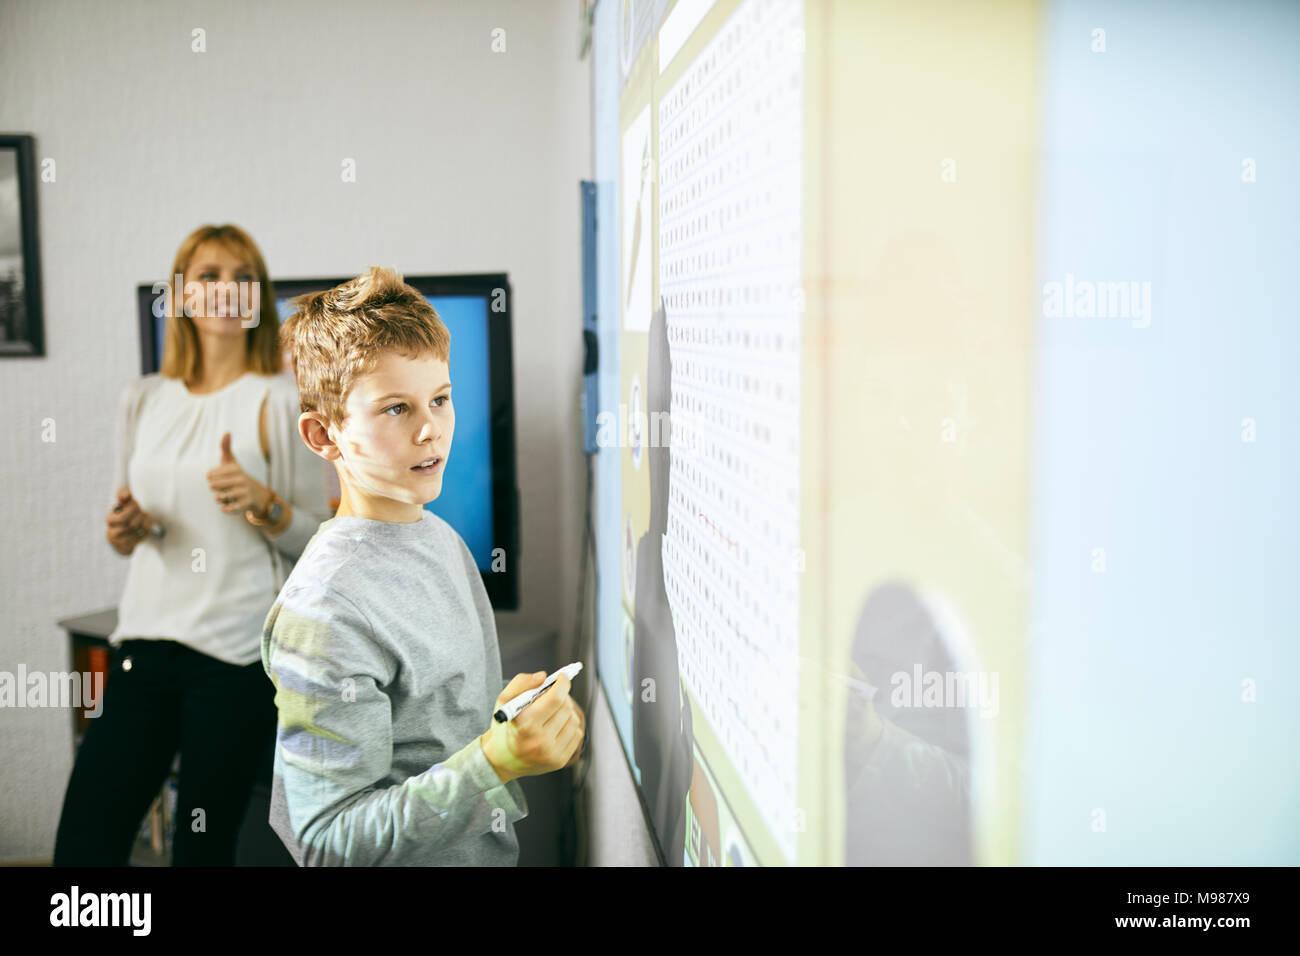 Estudiante en la clase en una pizarra interactiva con el profesor en segundo plano. Imagen De Stock